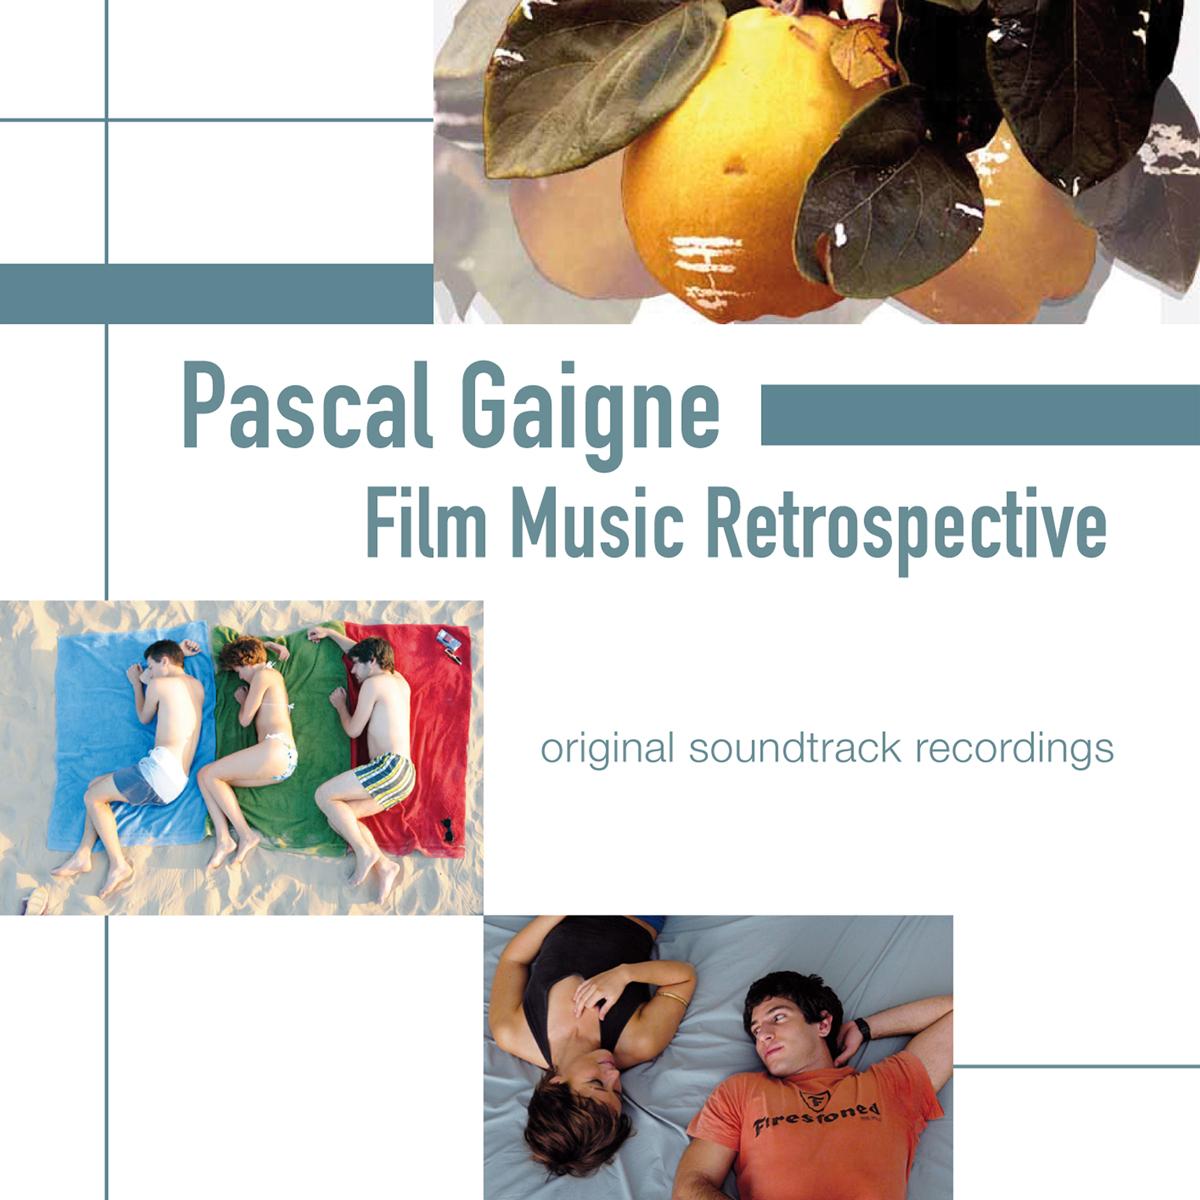 Pascal Gaigne Retrospective